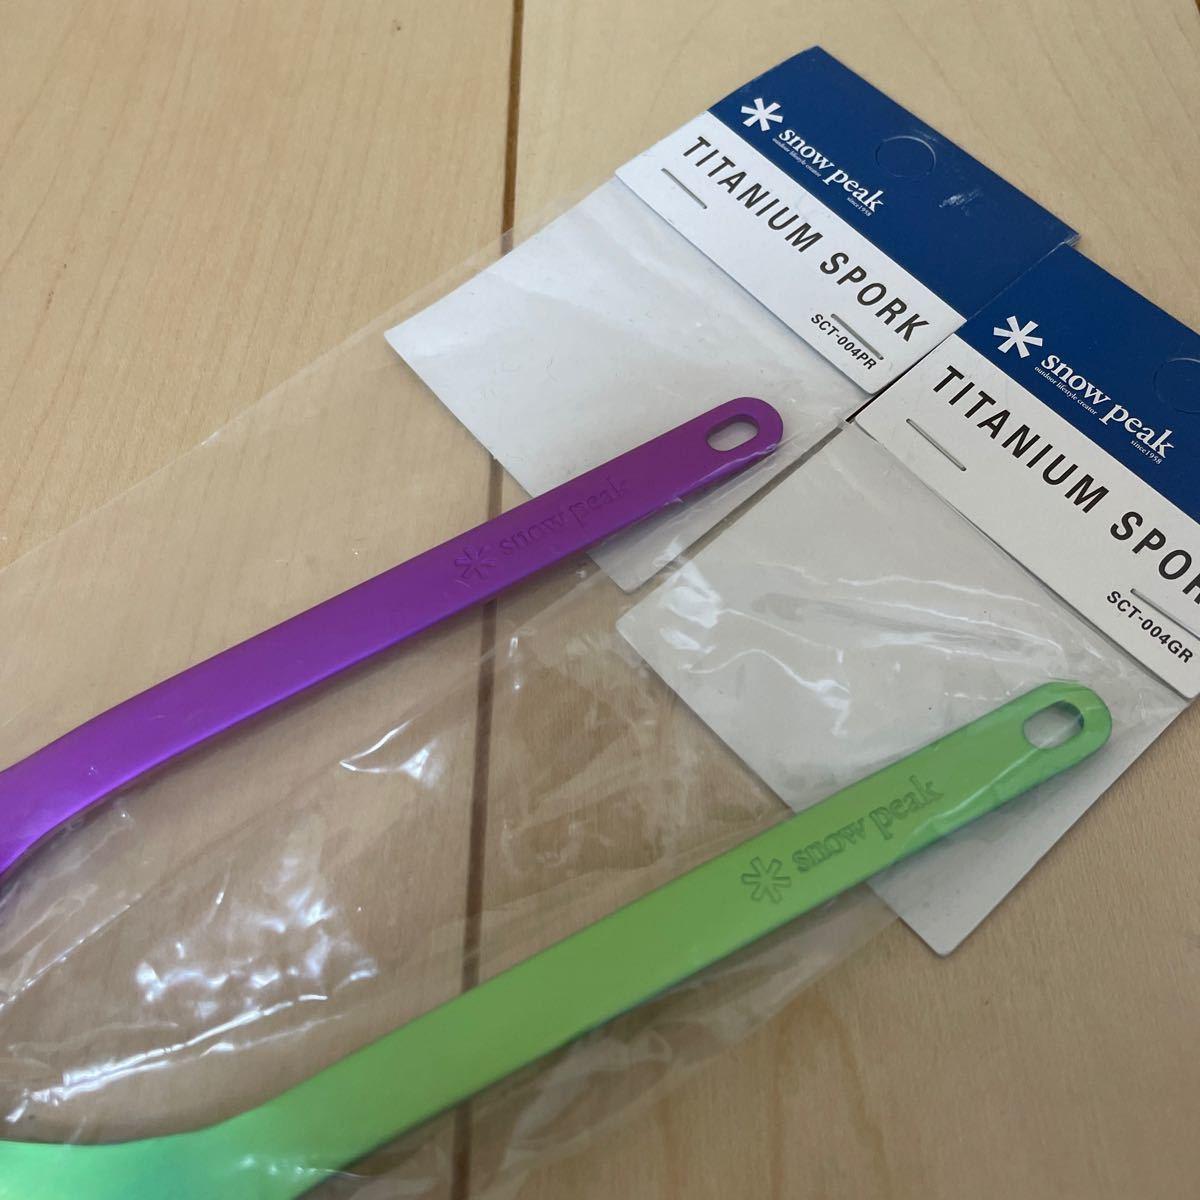 スノーピークのチタン製カトラリー 先割れスプーン2個セット新品未使用品です。